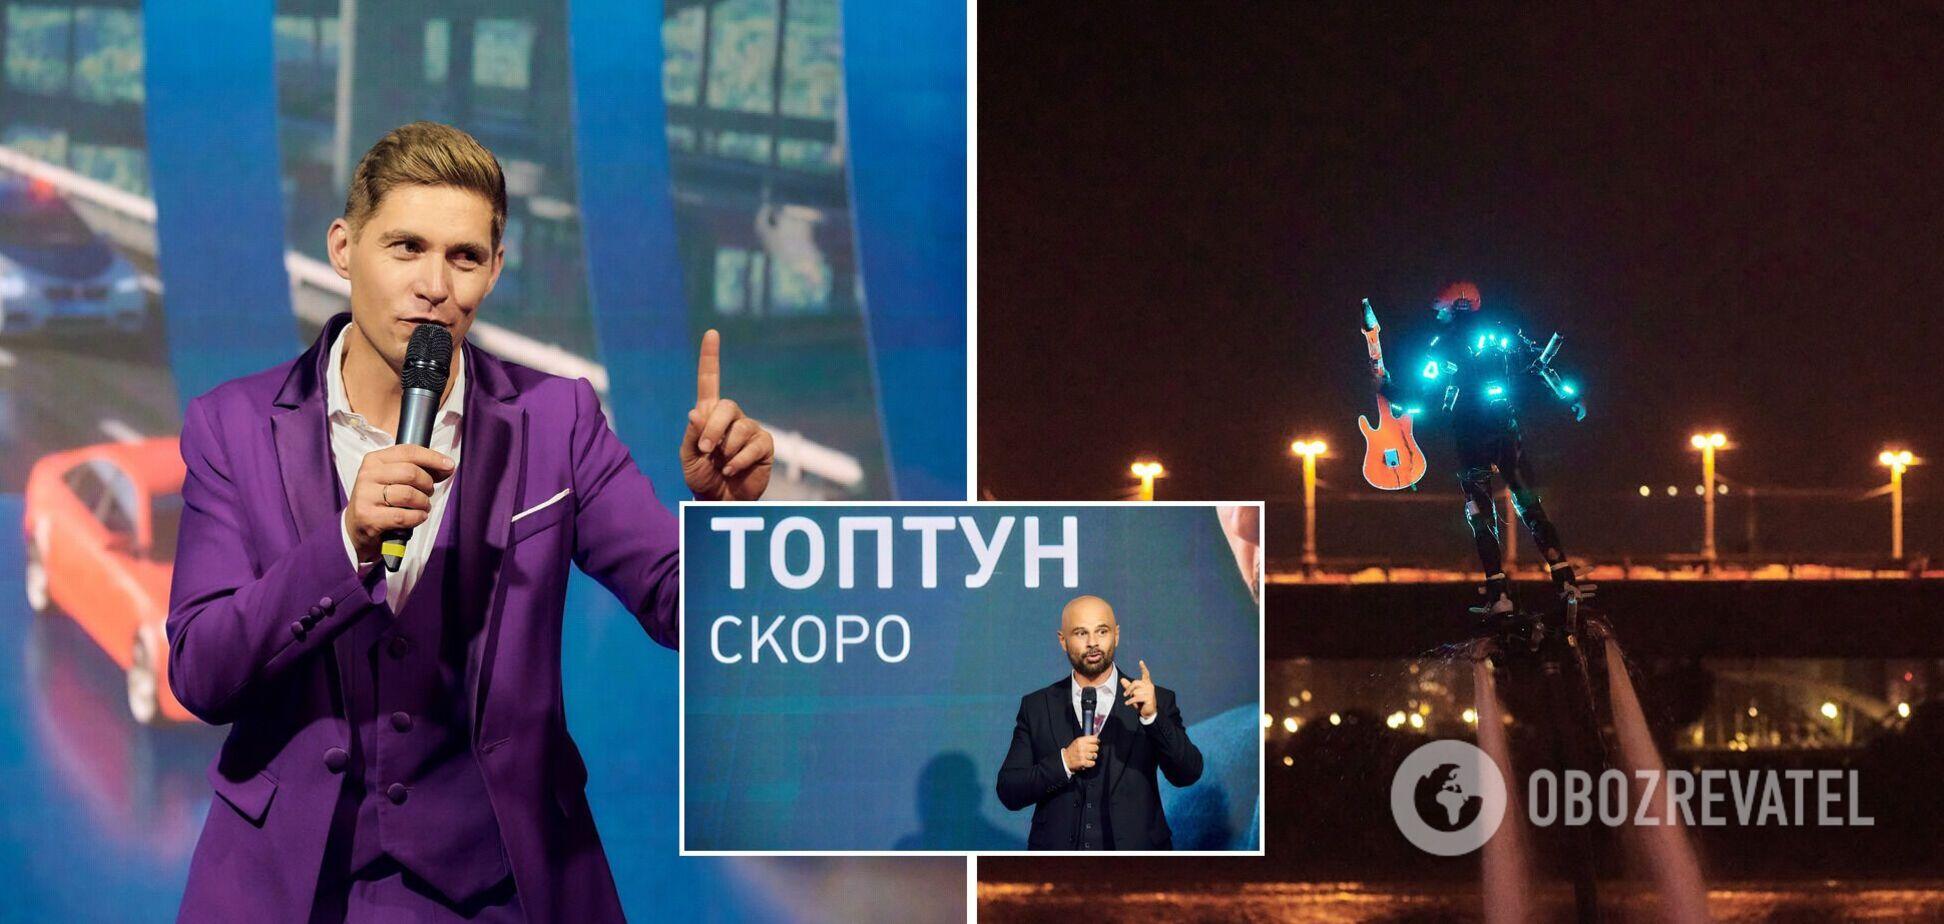 В новом телесезоне украинцев ждут новые грандиозные проекты